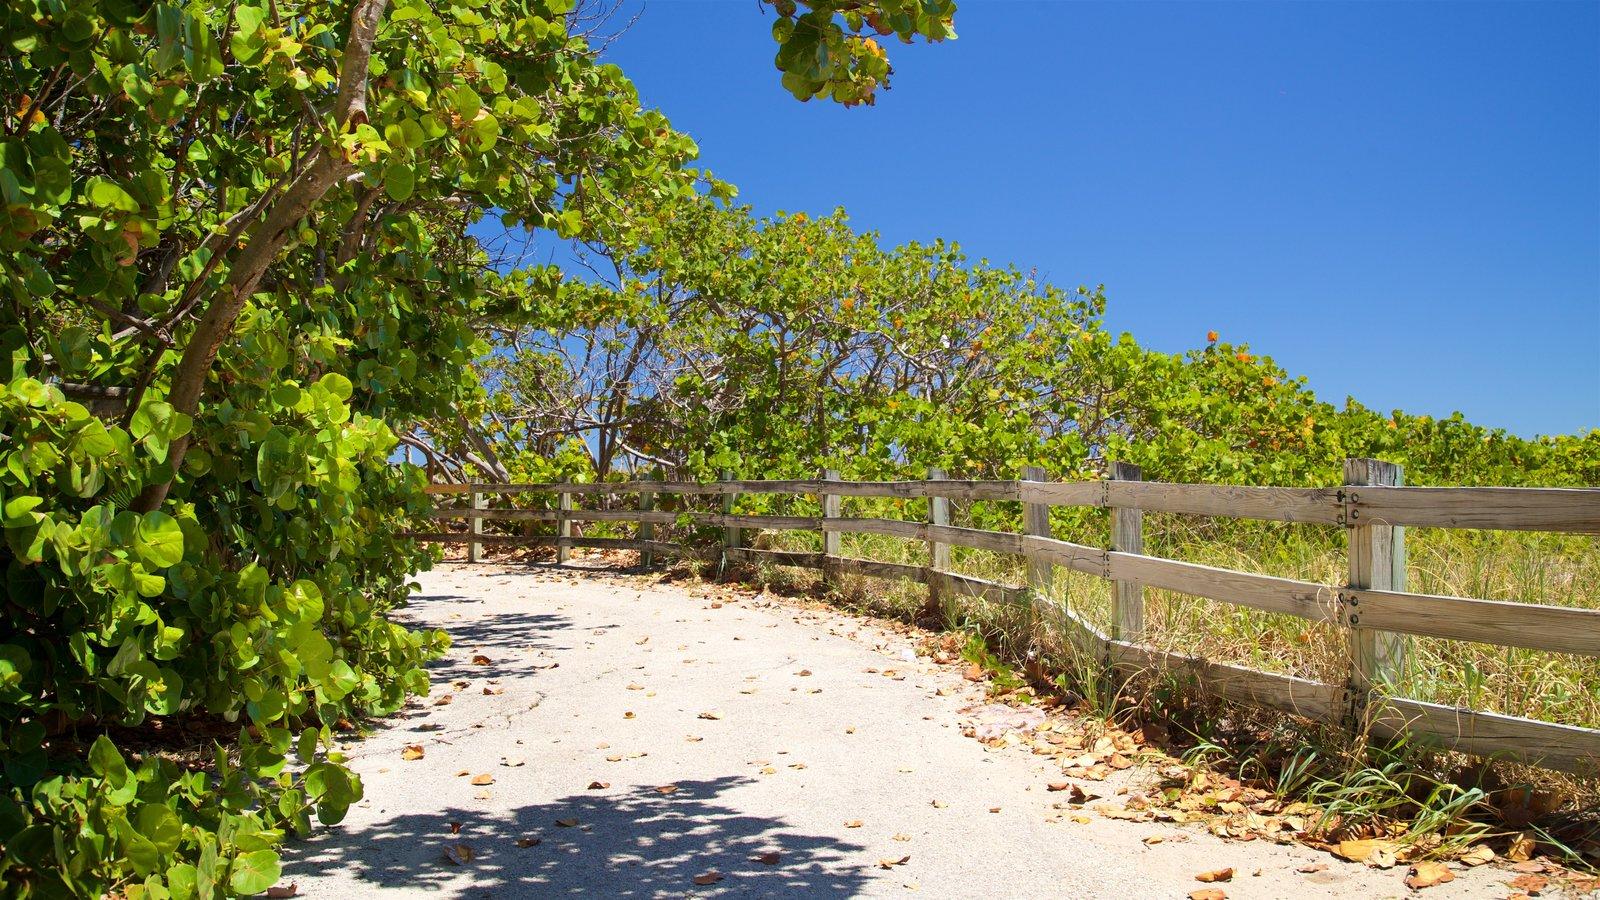 Hollywood North Beach Park que inclui um parque e uma praia de areia